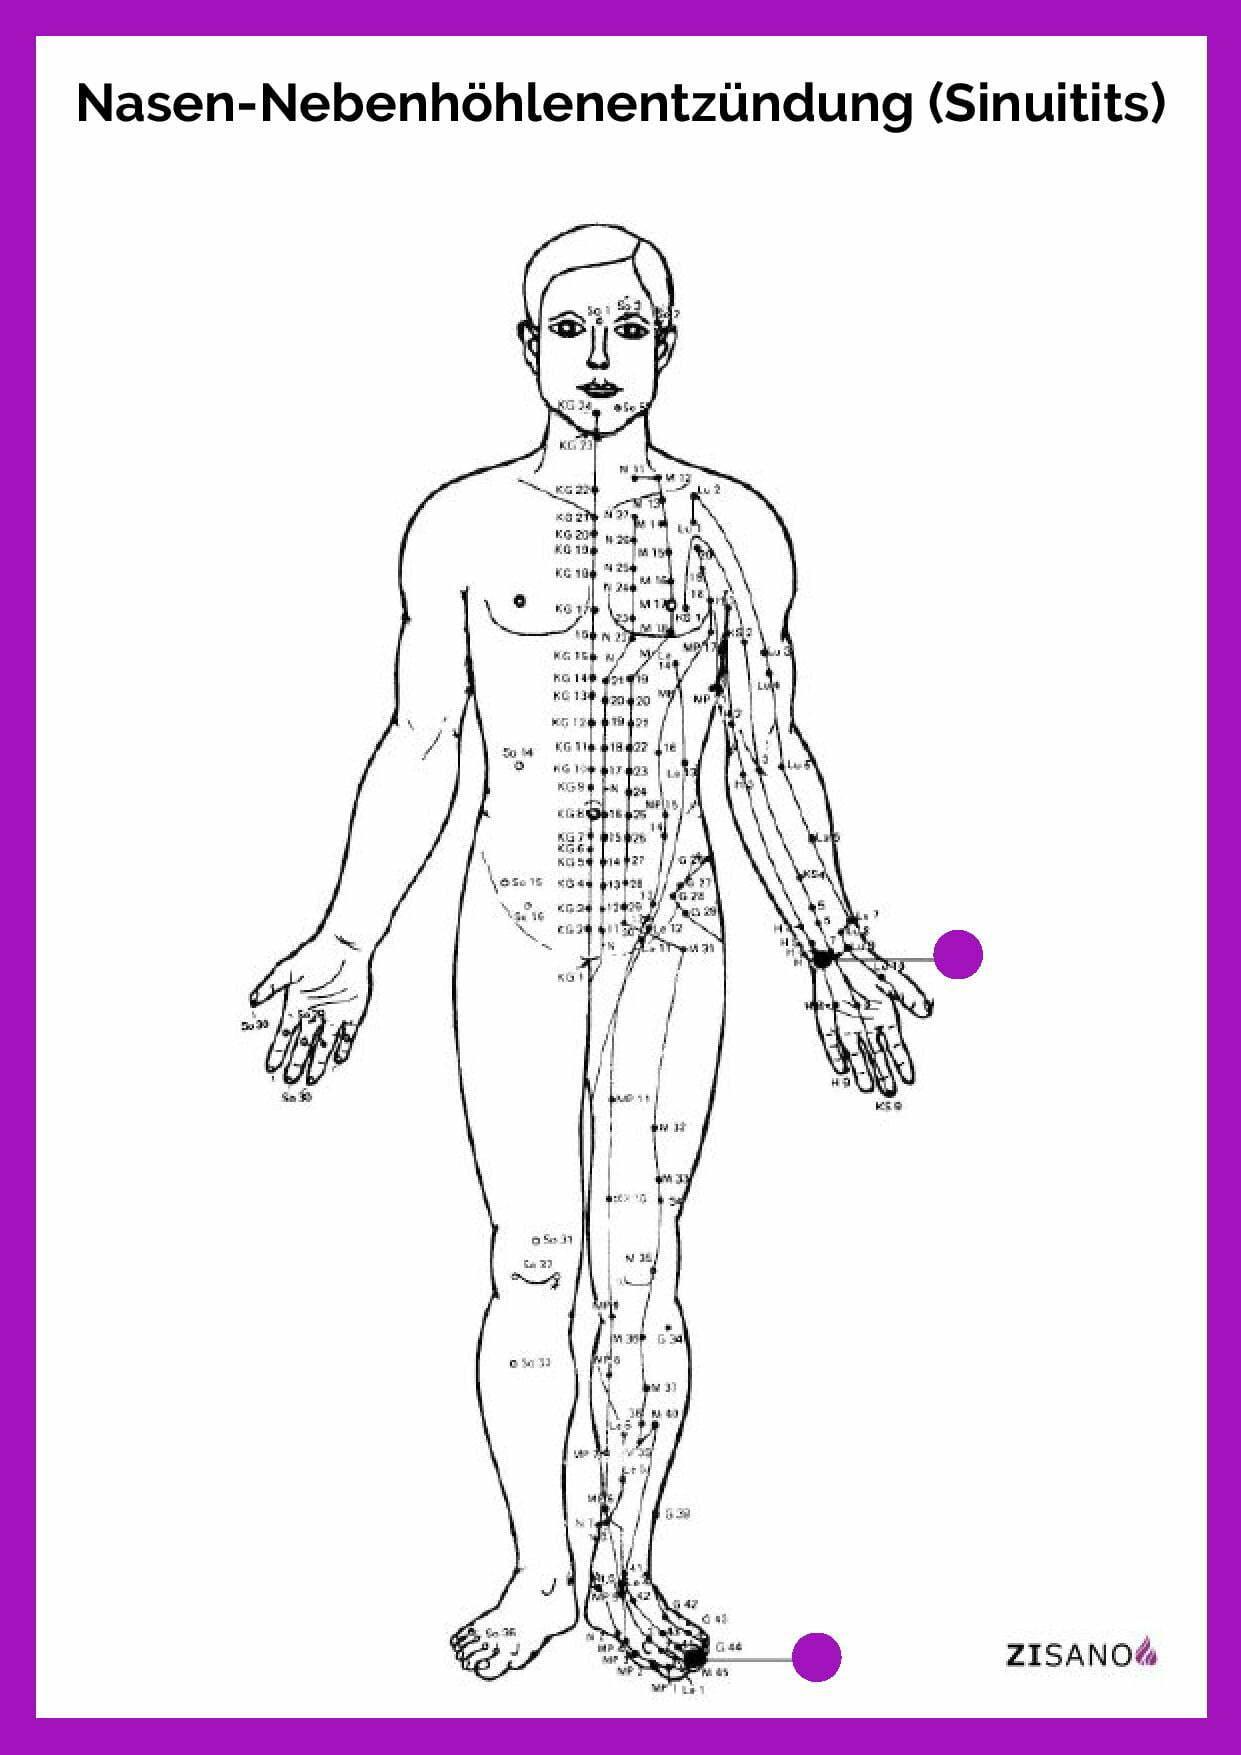 Meridiane -Nasen-Nebenhöhlenentzündung - Sinuitis - Beschwerden